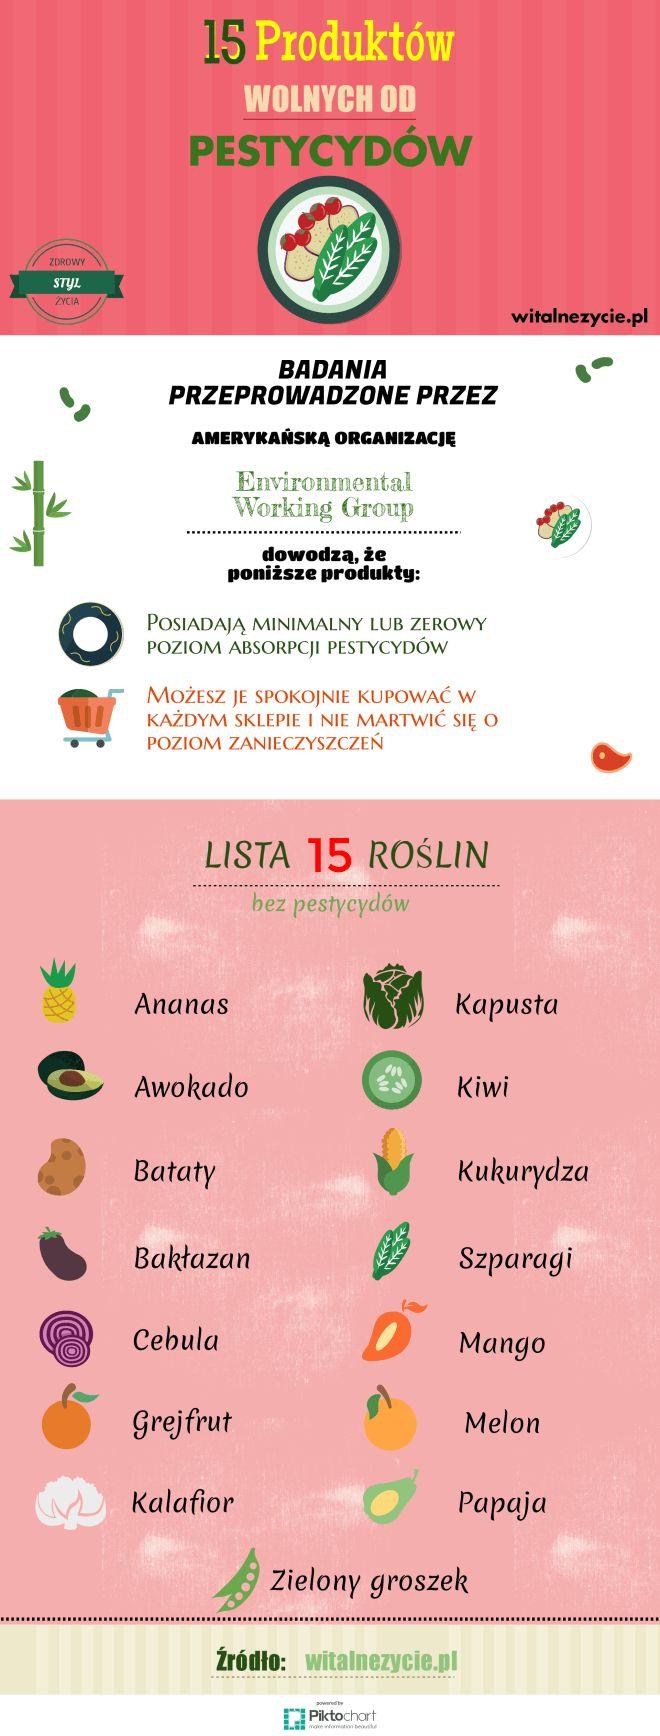 rośliny wolne od zanieczyszczeń - witalnezycie